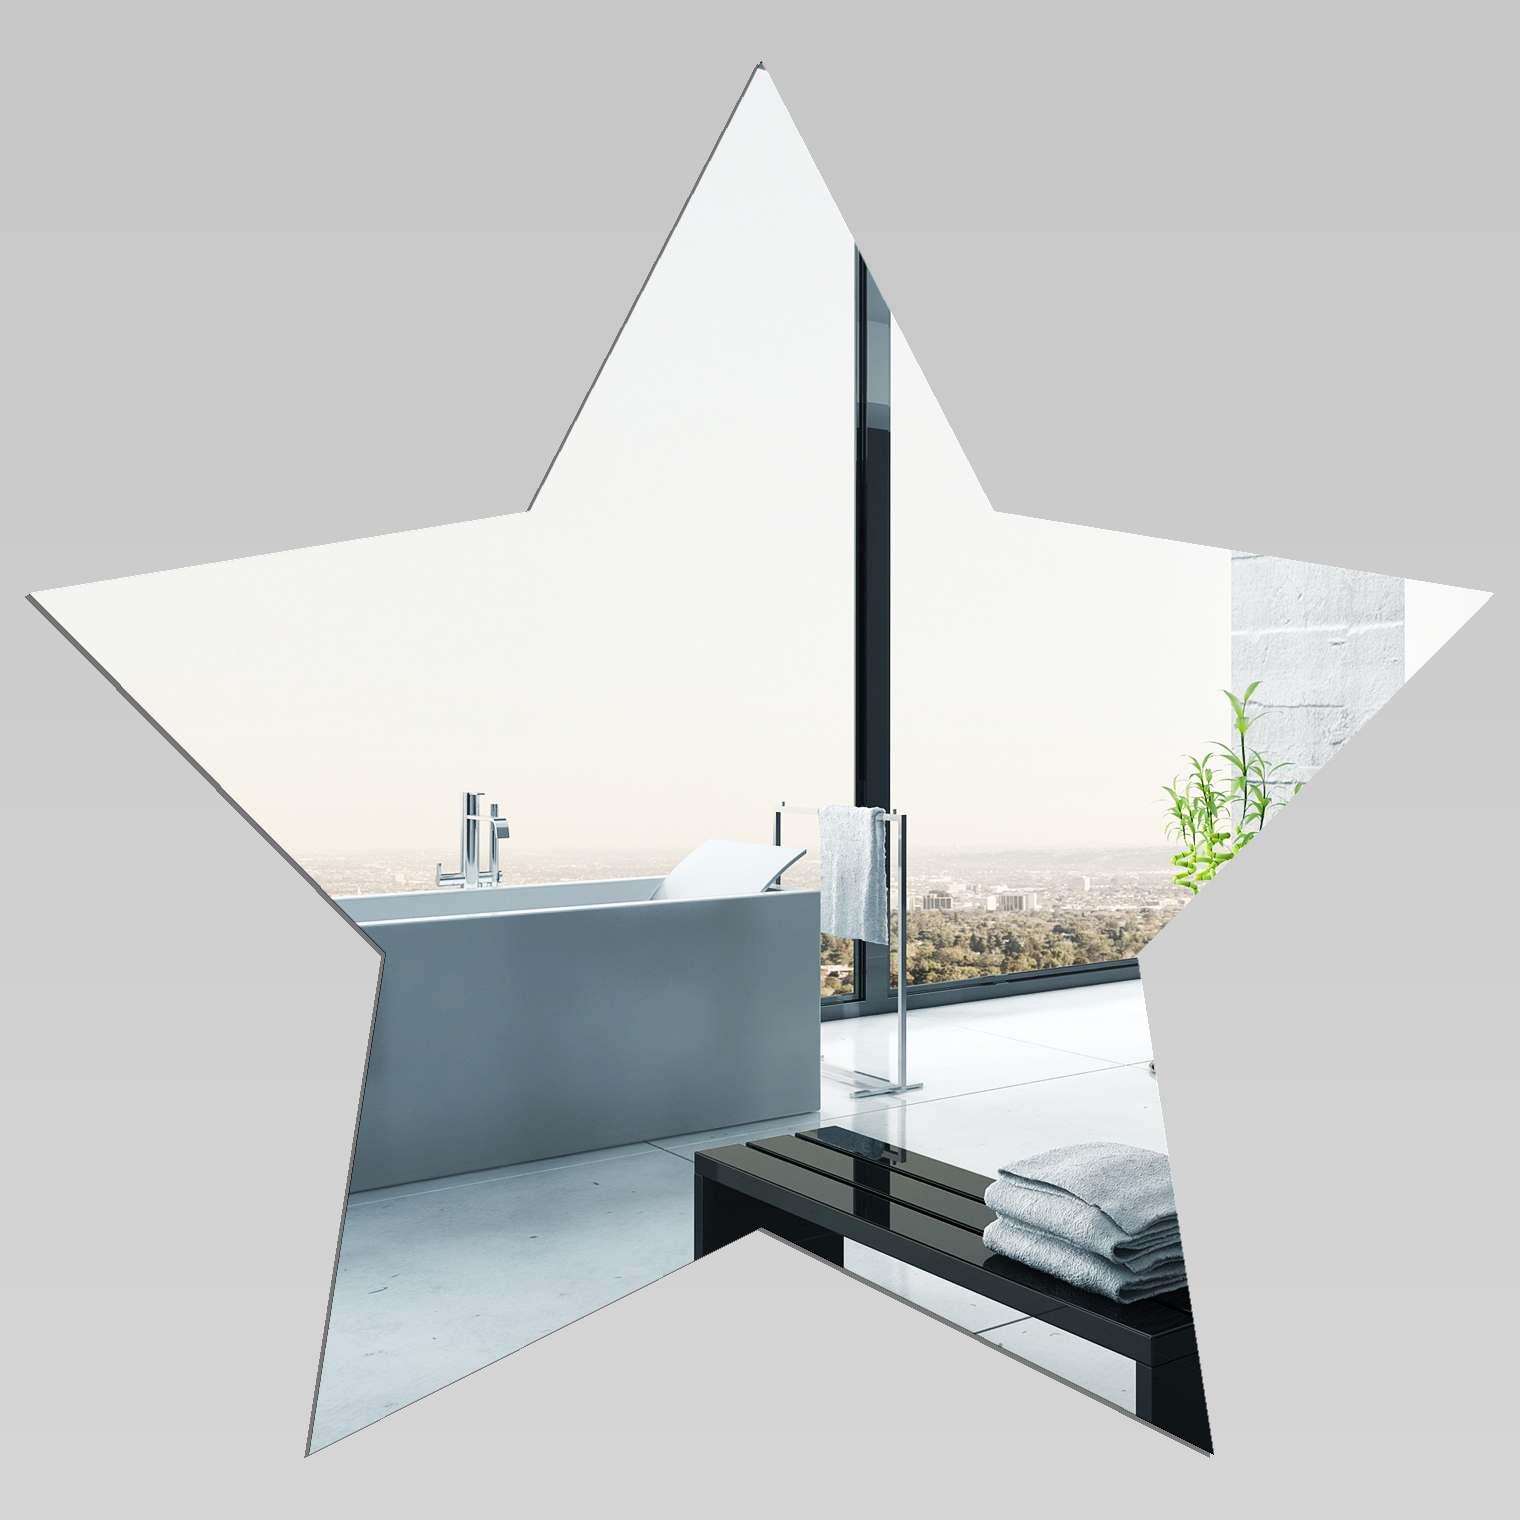 miroir plexiglass acrylique etoile pas cher. Black Bedroom Furniture Sets. Home Design Ideas